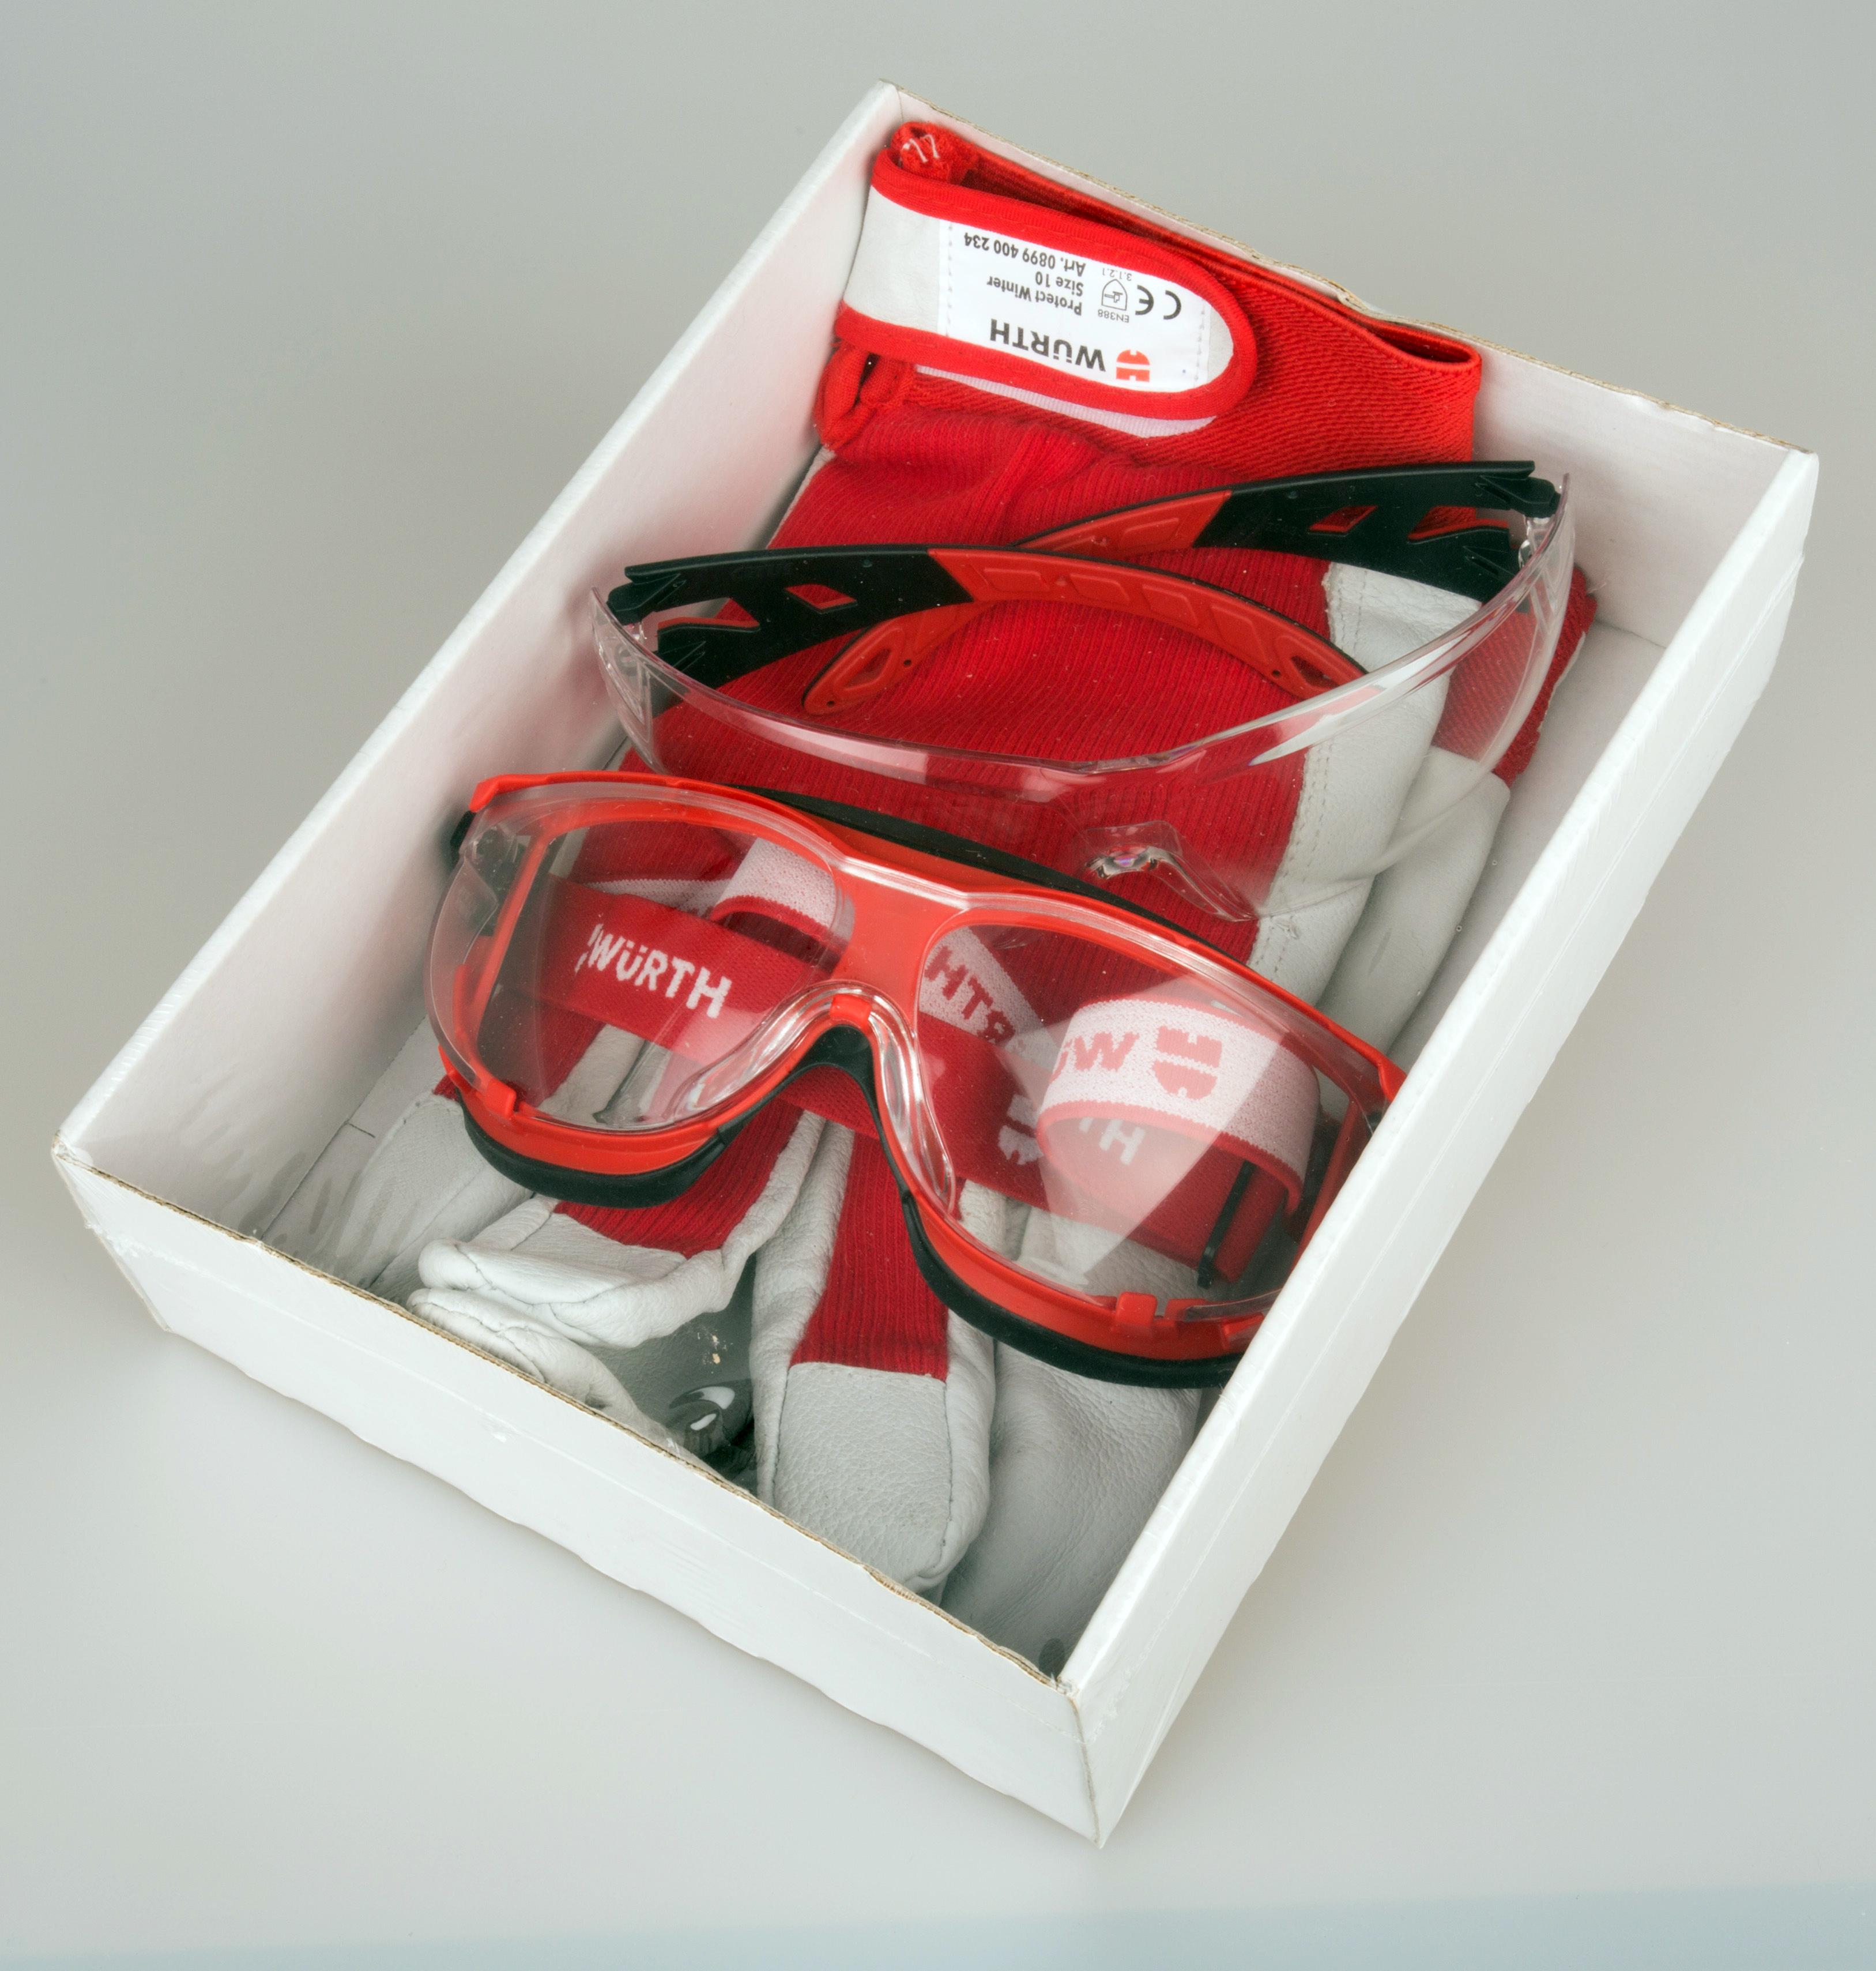 1 Stk Arbeitsschutz-Box W-95000491